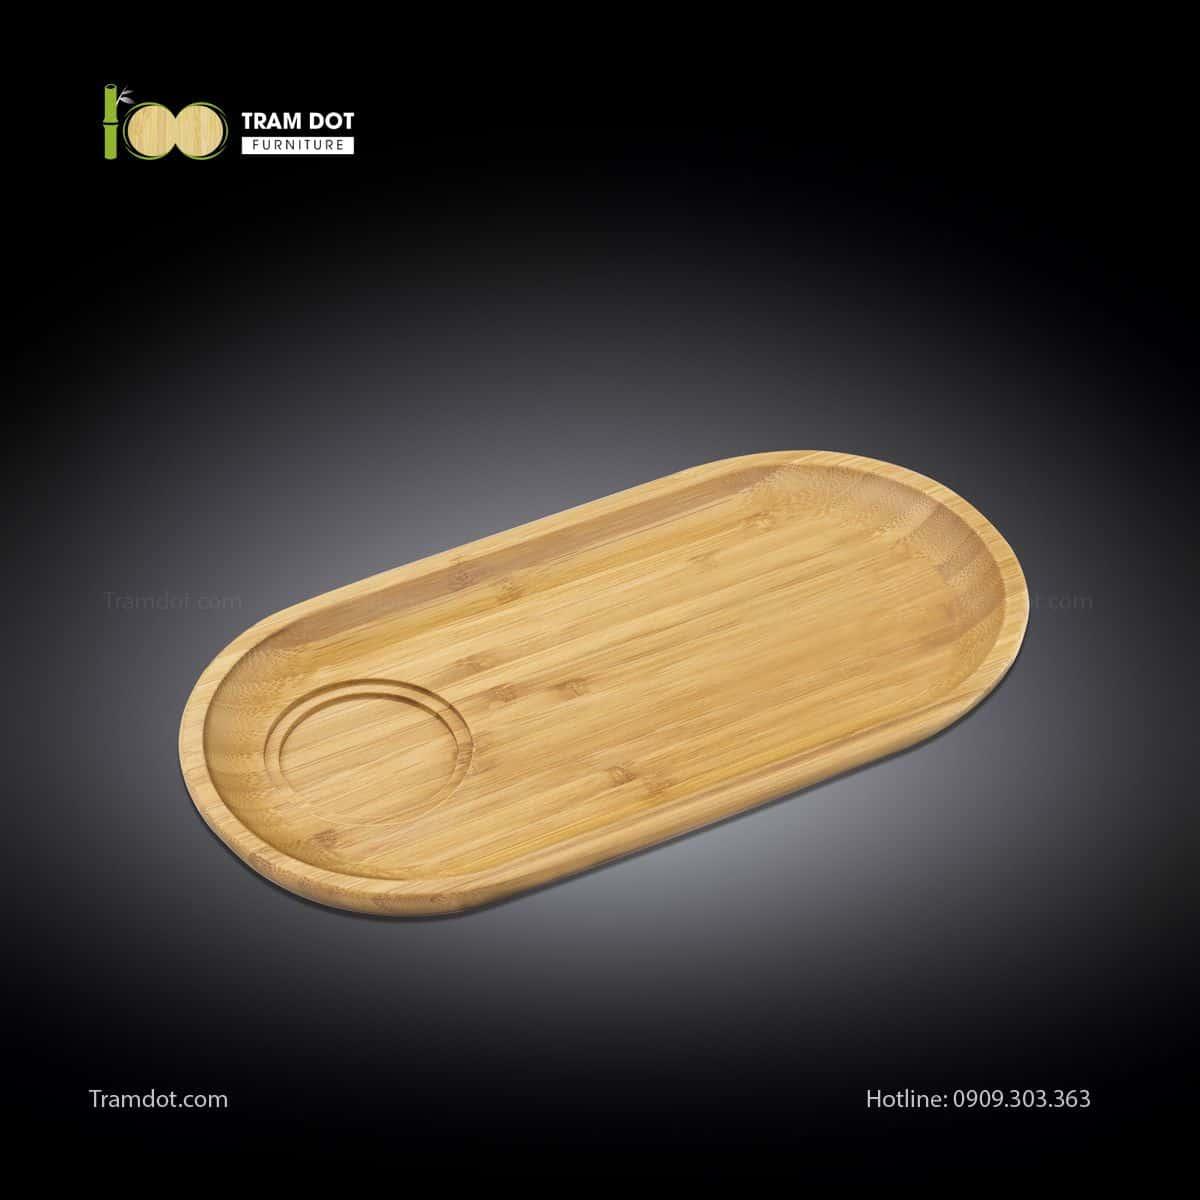 Đĩa tre phục vụ đồ uống oval 01 rãnh lõm 35.5×17cm   TRAMDOT Furniture